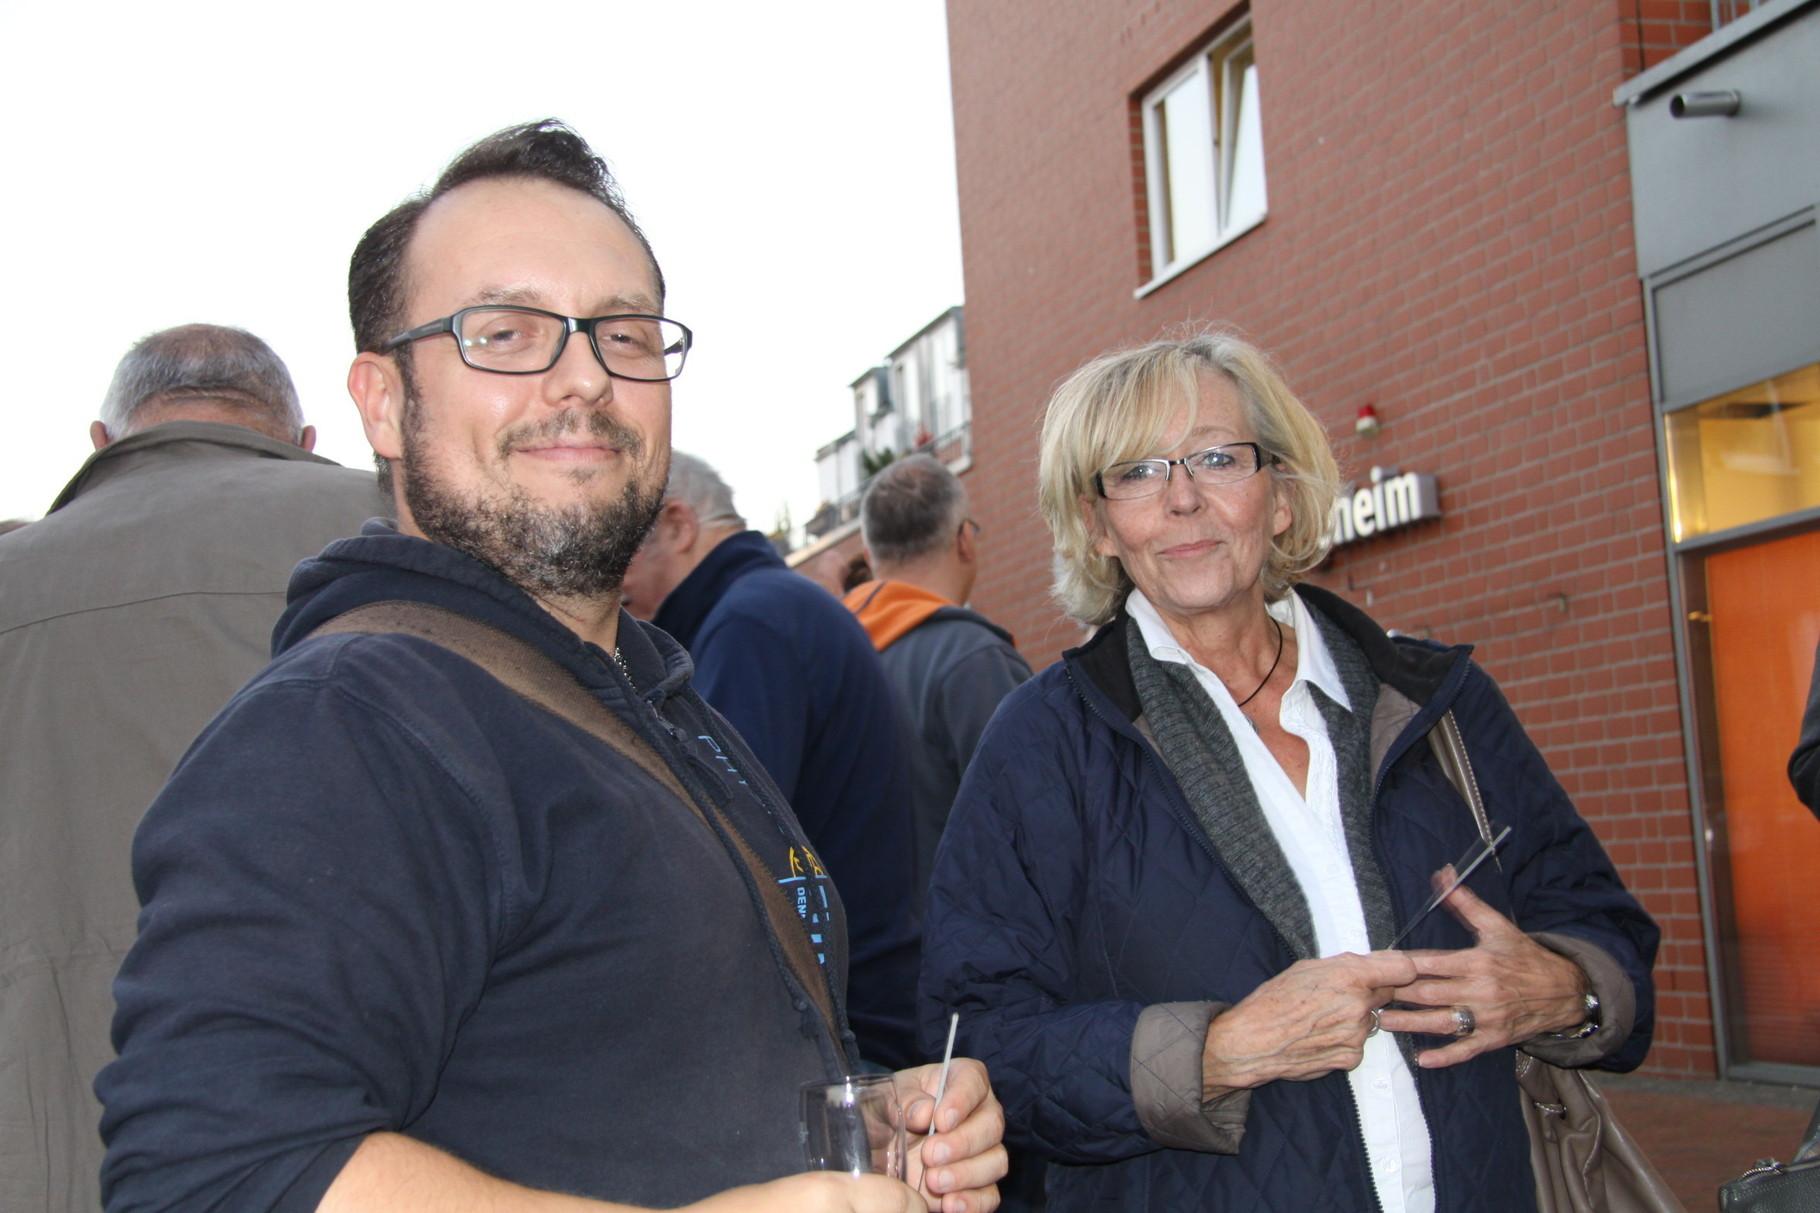 Dennys Bull, PHYSIO FITNESS B 2.0, und Birgit Poschmann vom MGH Courage